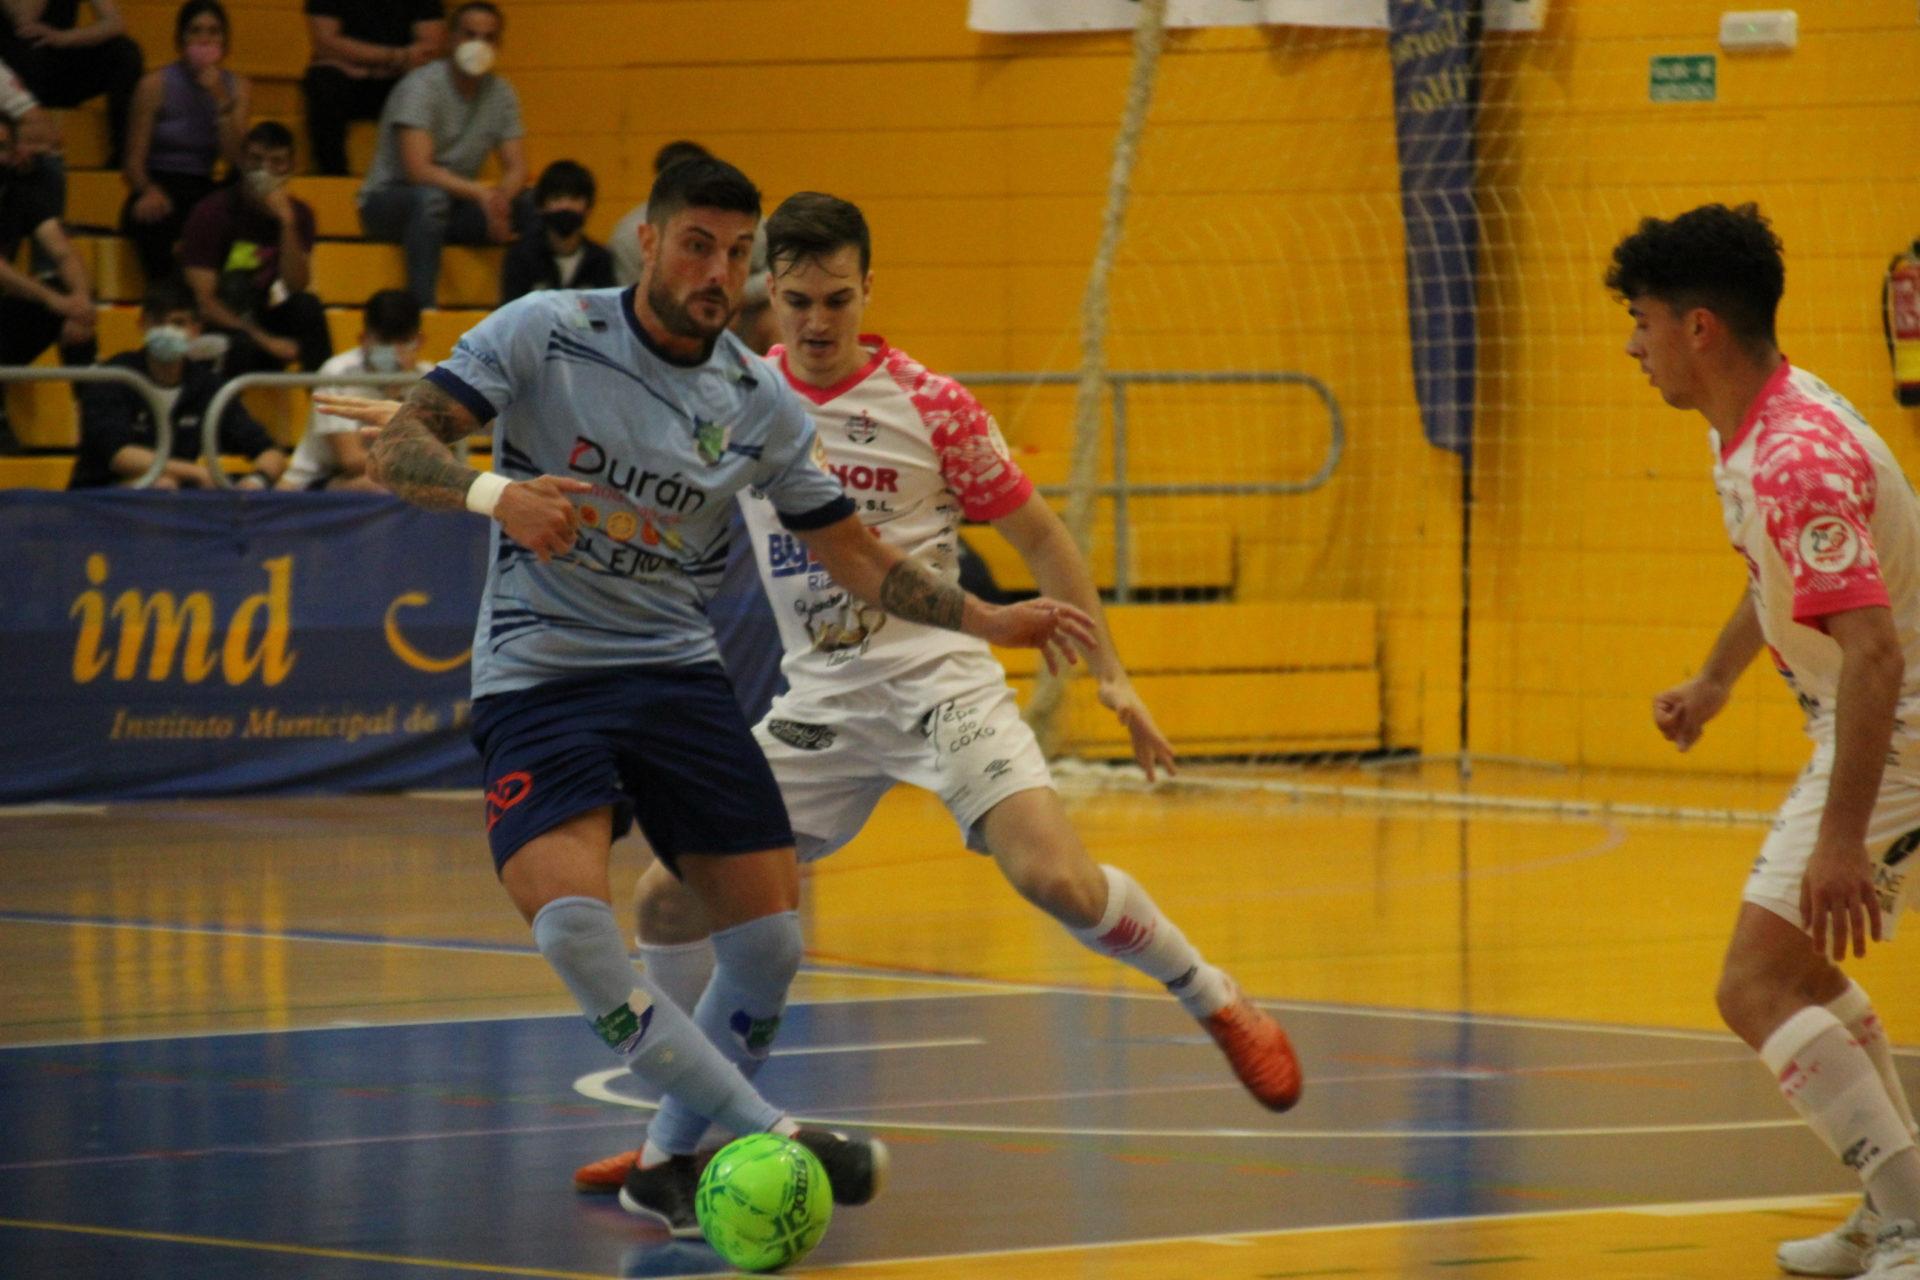 Durán Ejido Futsal vs Noia FS Portus Apostoli 1